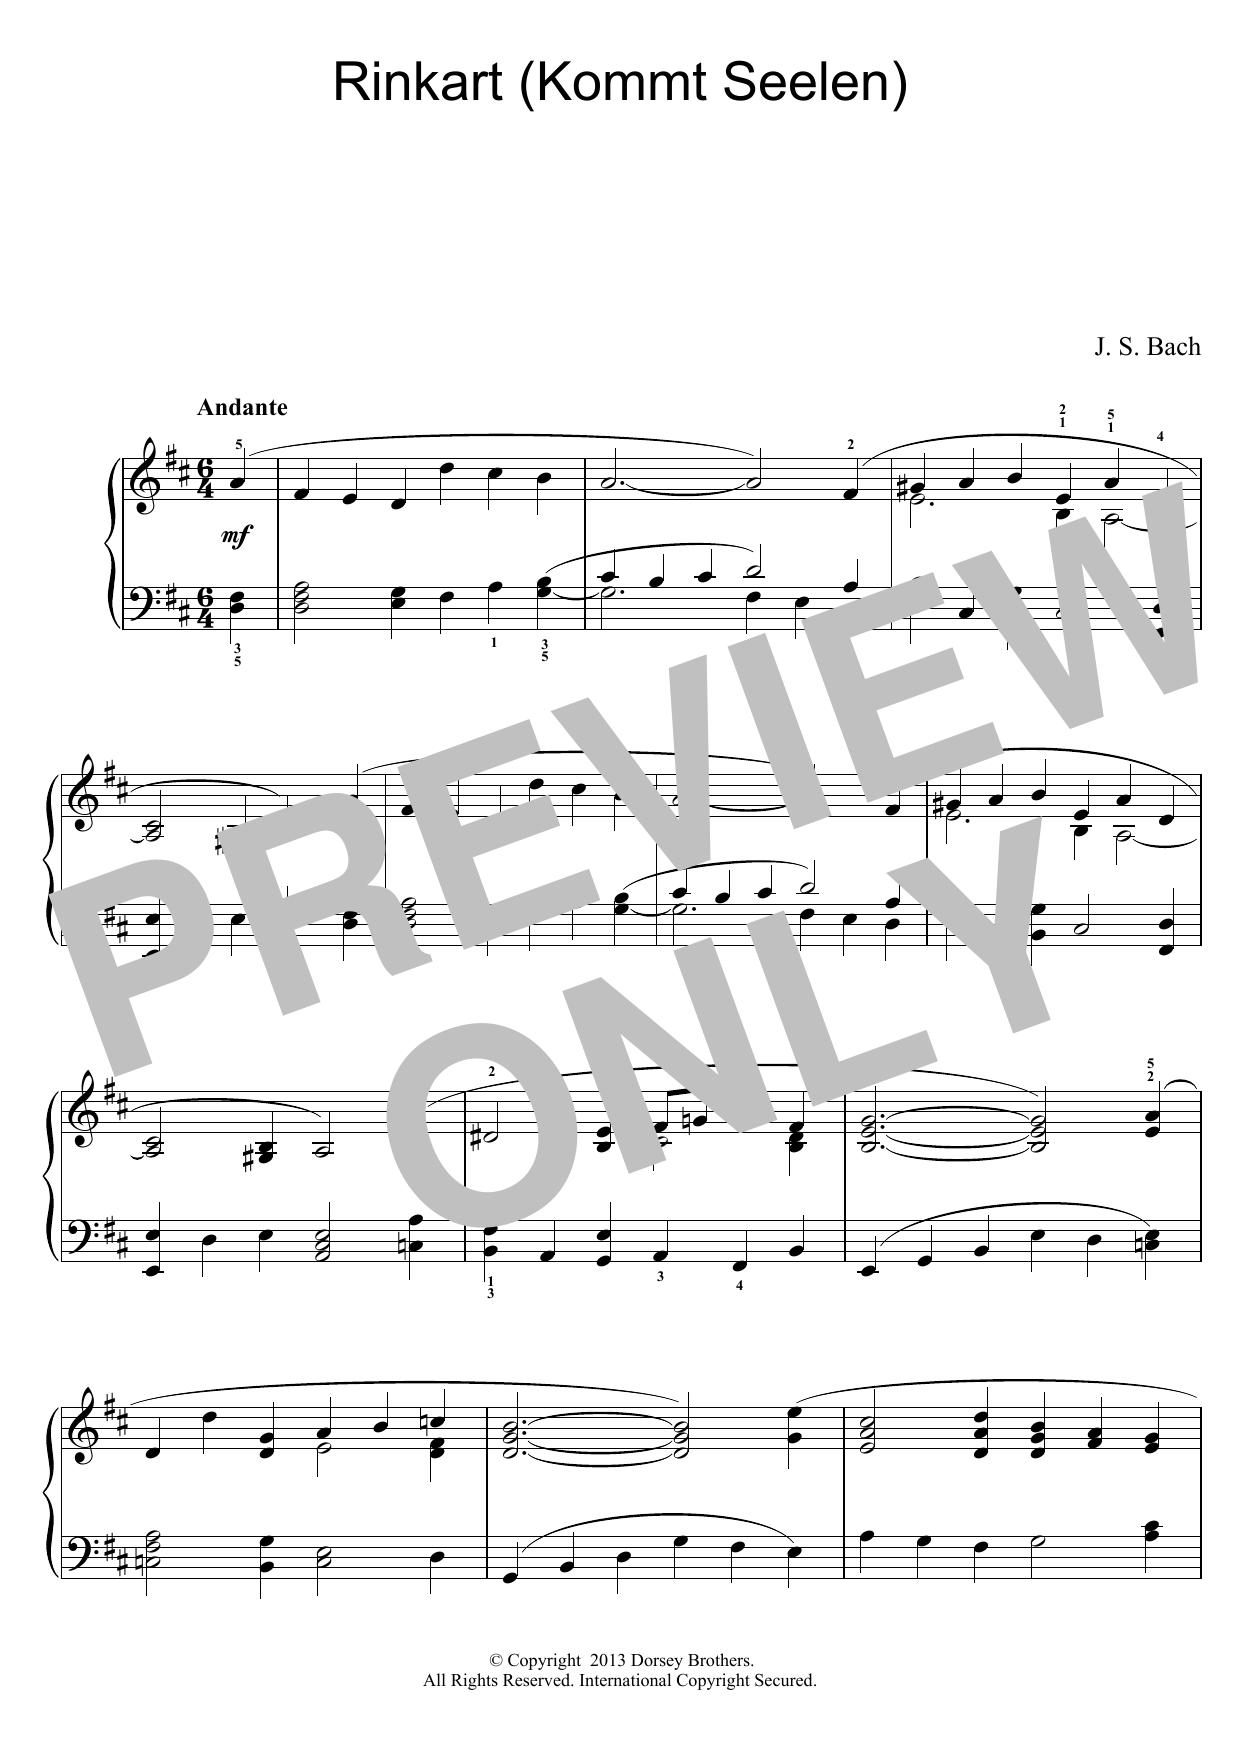 Rinkart (Kommt Seelen) Sheet Music